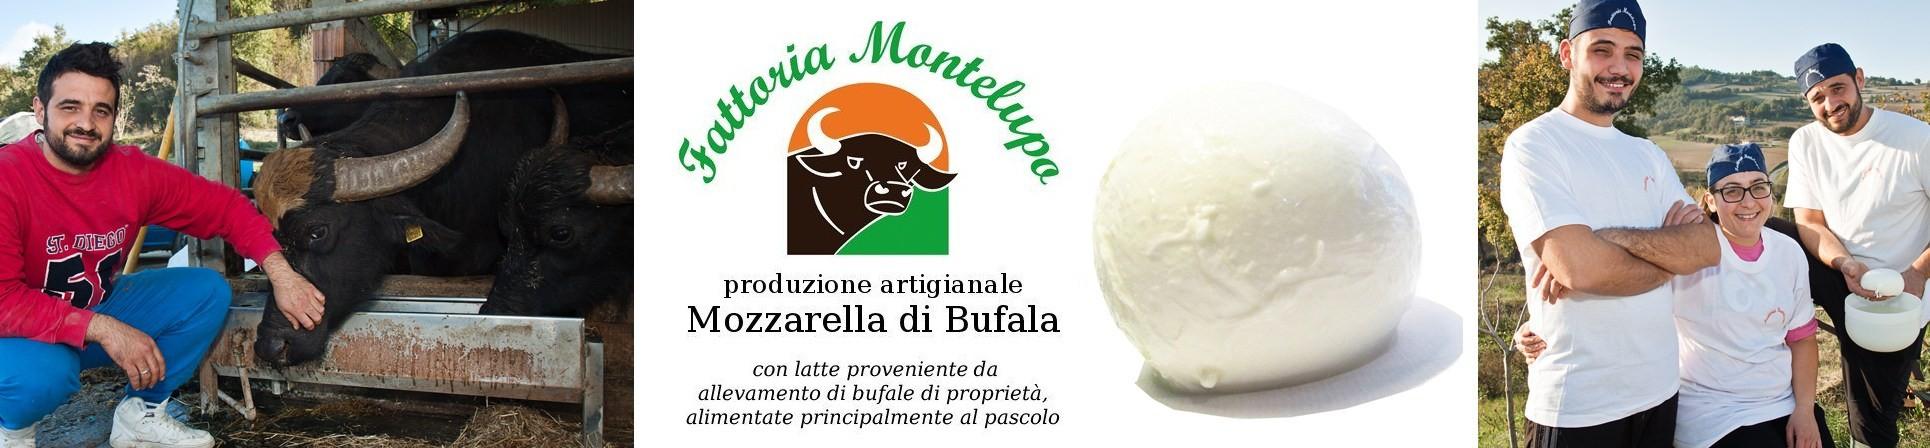 B2B GUSTOX - il Marketplace all'ingrosso delle eccellenze agroalimetari italiane - FATTORIA MONTELUPO